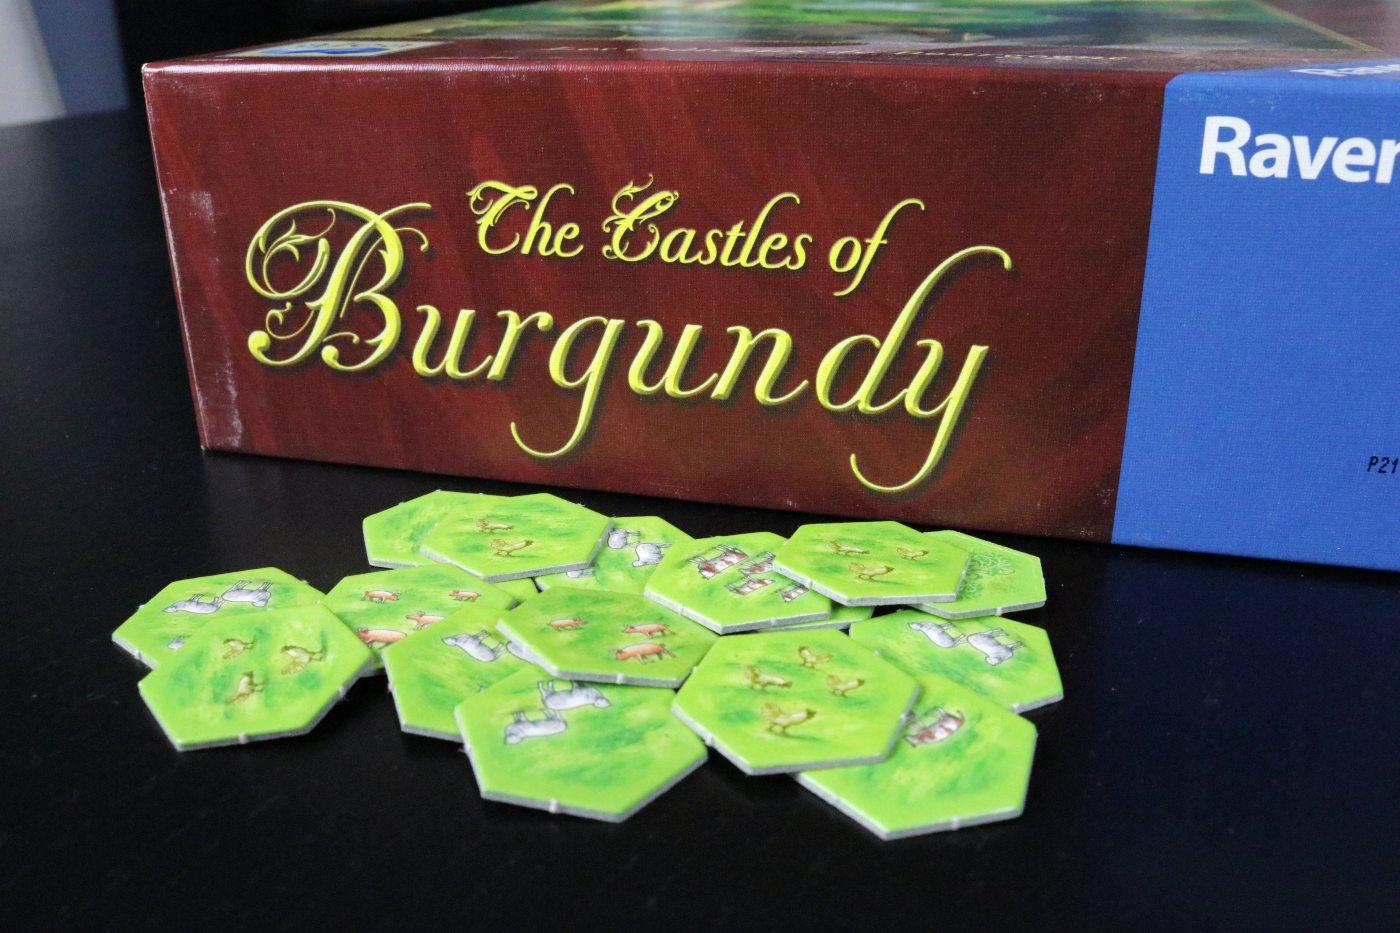 Castles of Burgundy tiles